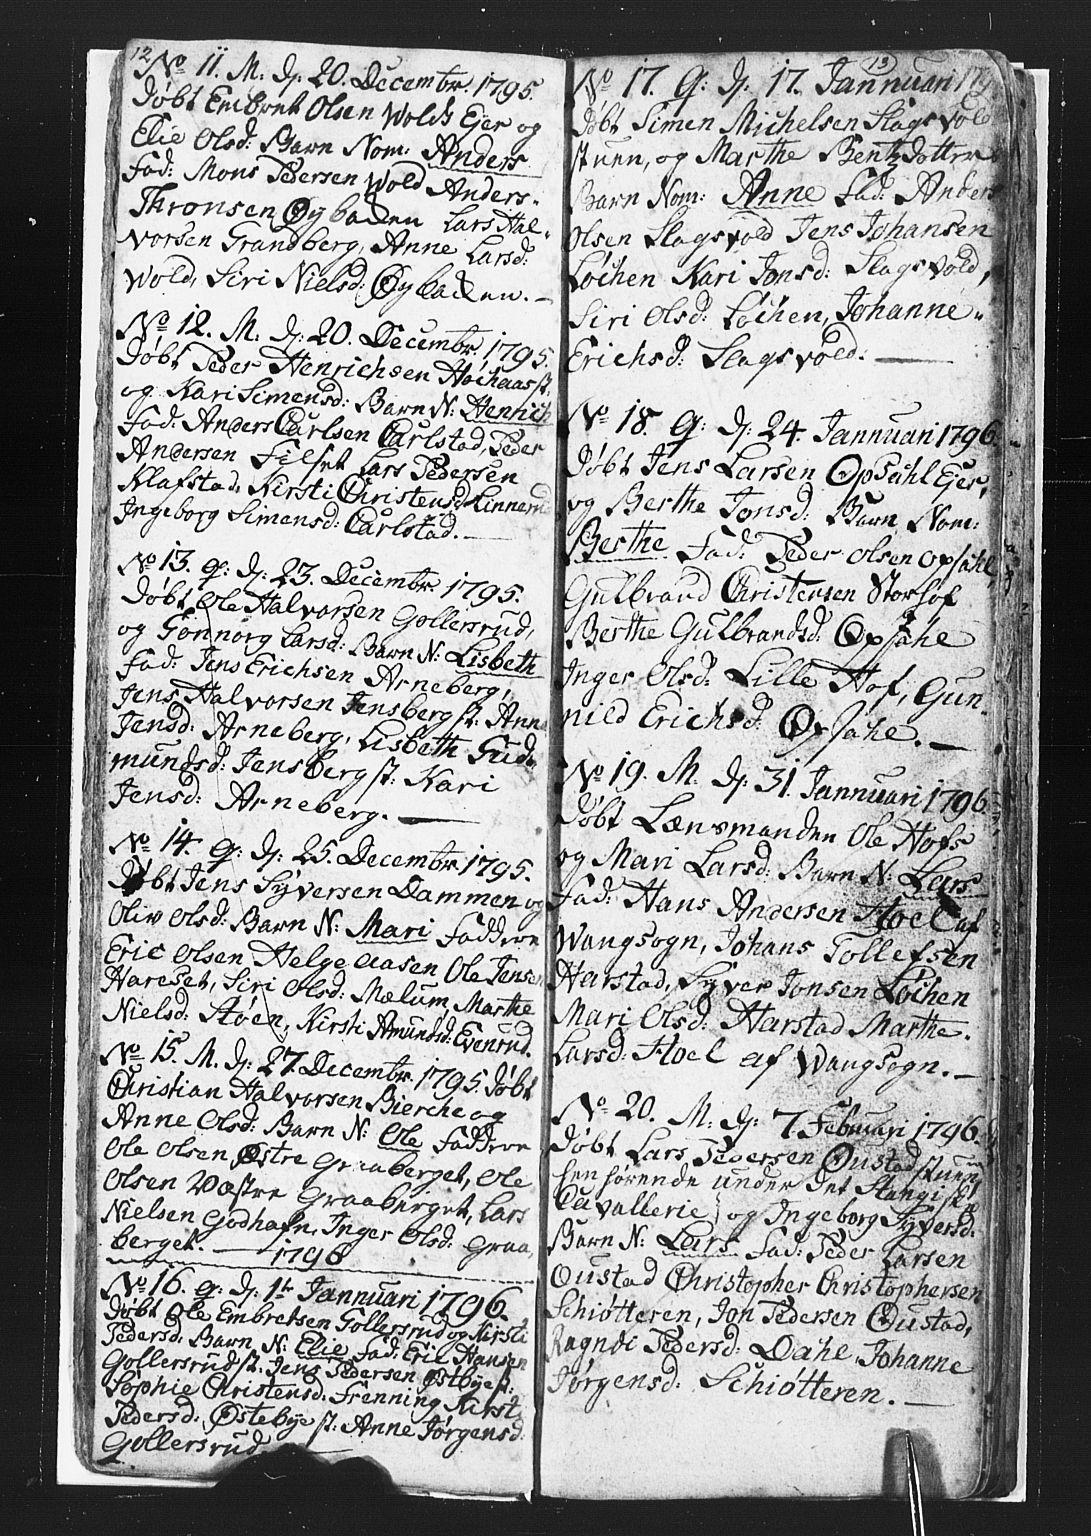 SAH, Romedal prestekontor, L/L0002: Klokkerbok nr. 2, 1795-1800, s. 12-13